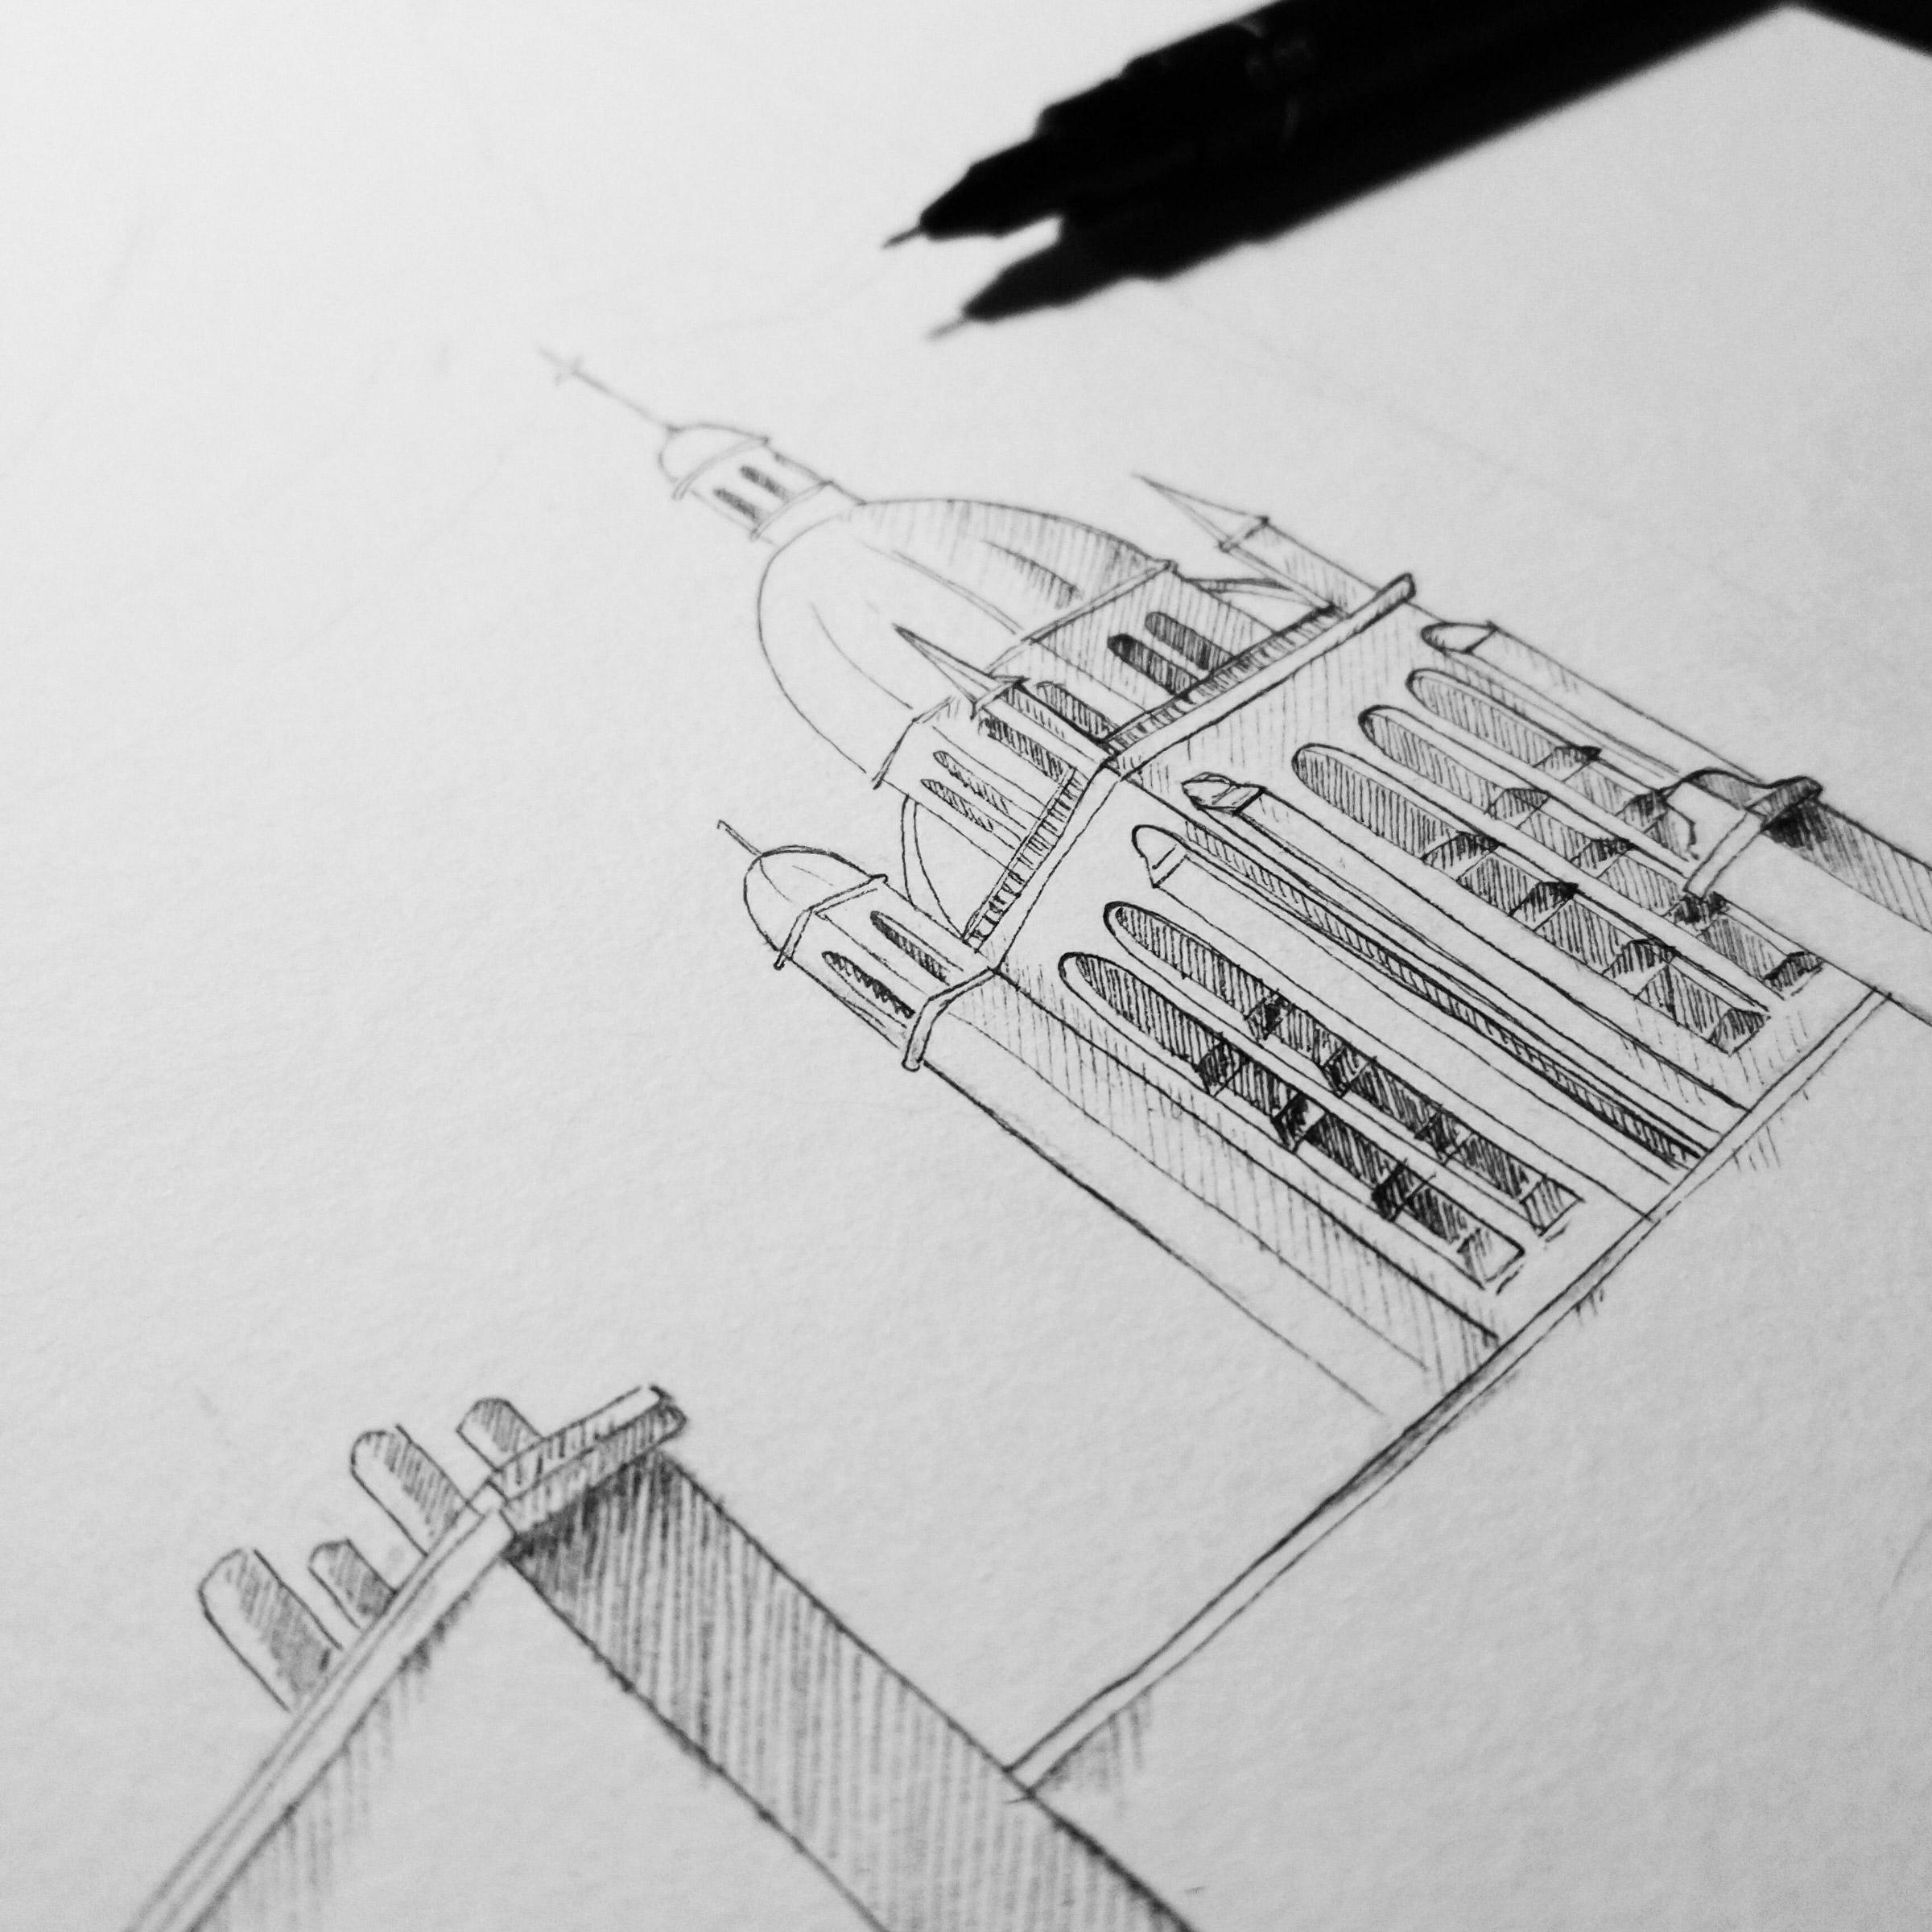 Finelinerzeichnung der Kathedrale Notre Dame des Miracles in Orleans, Frankreich, nach einer Vorlage von Stablo.